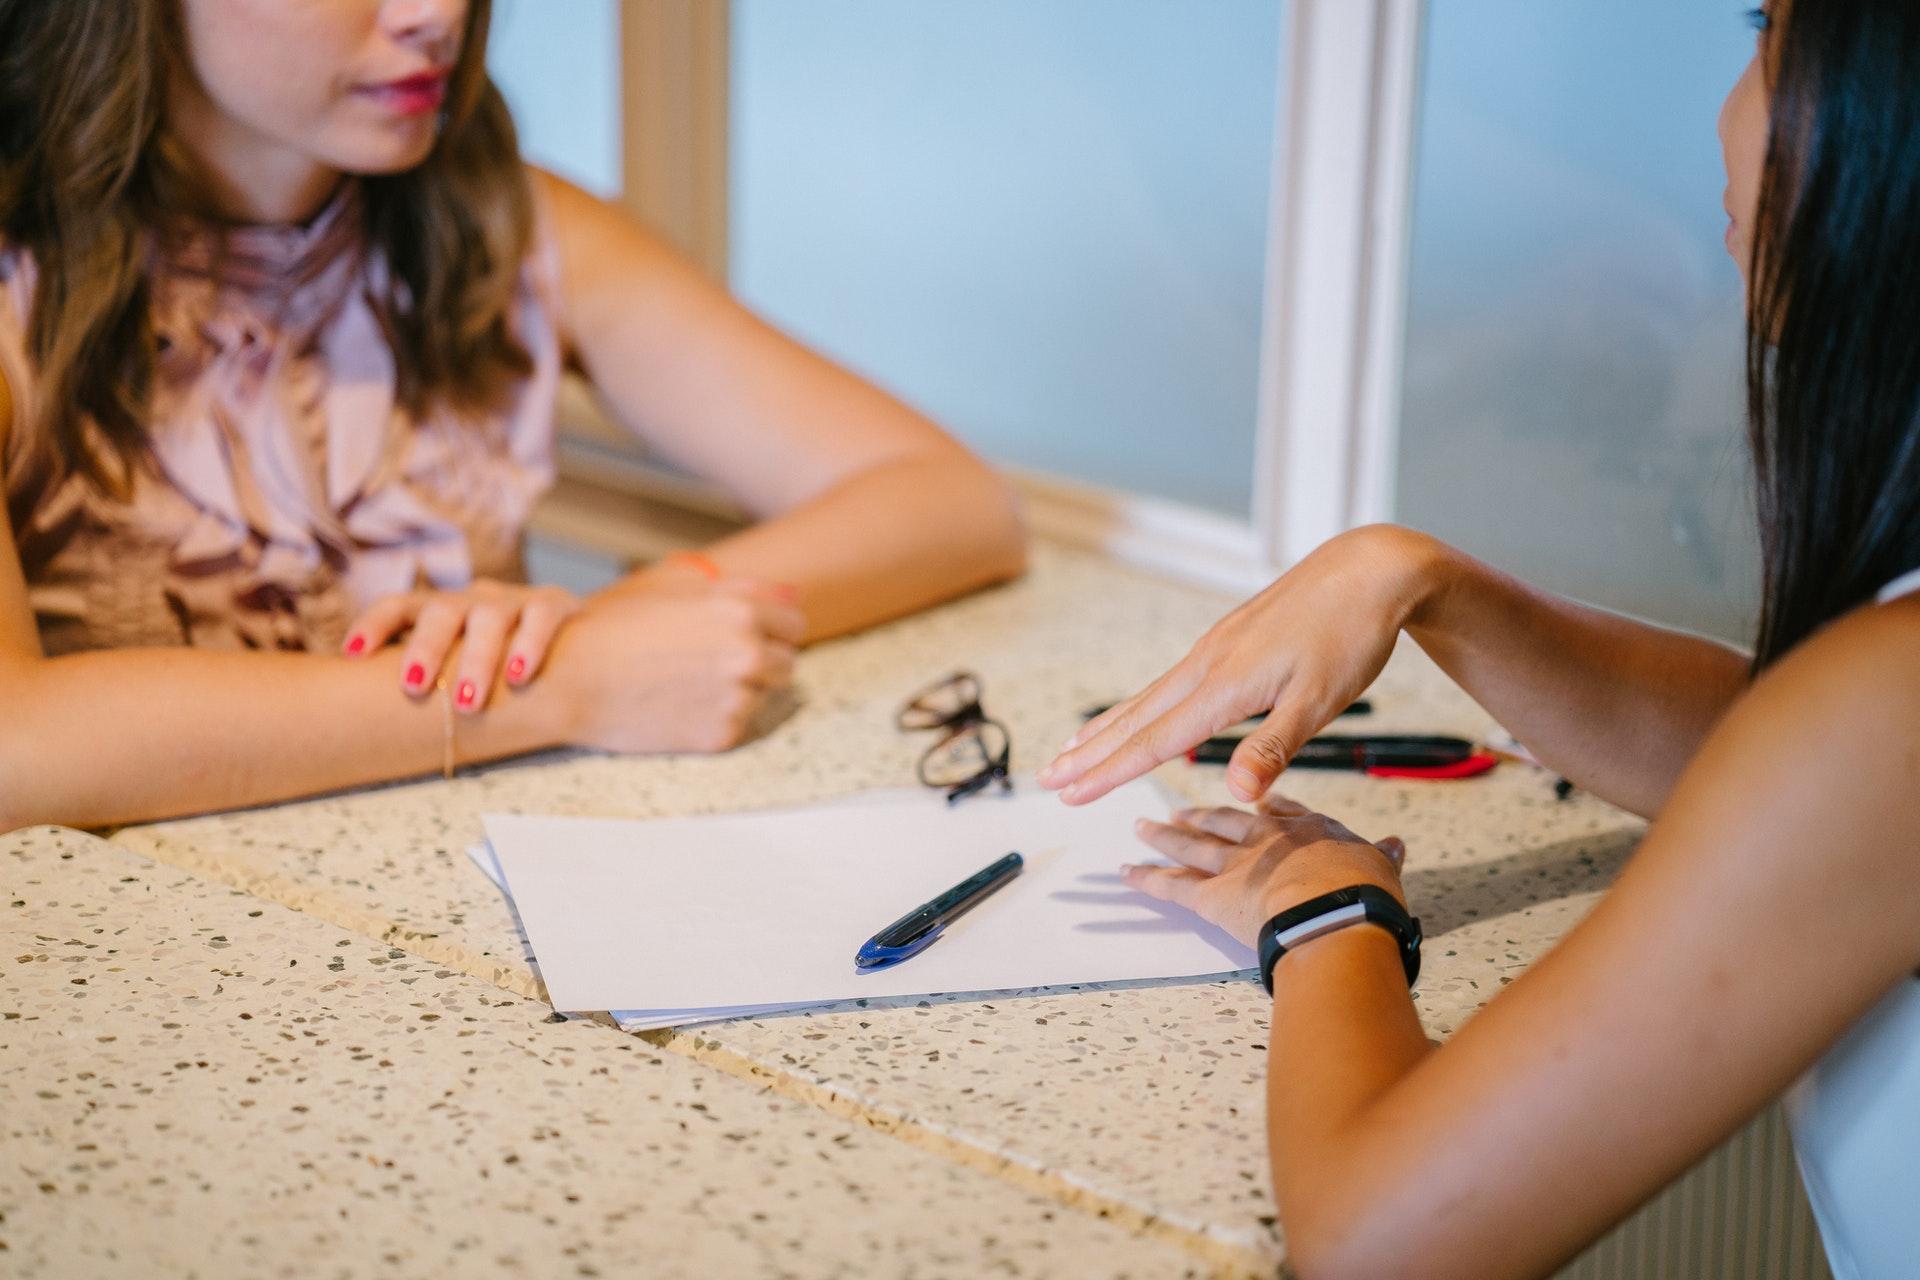 Få en mentor: Sådan finder og bruger du mentorer